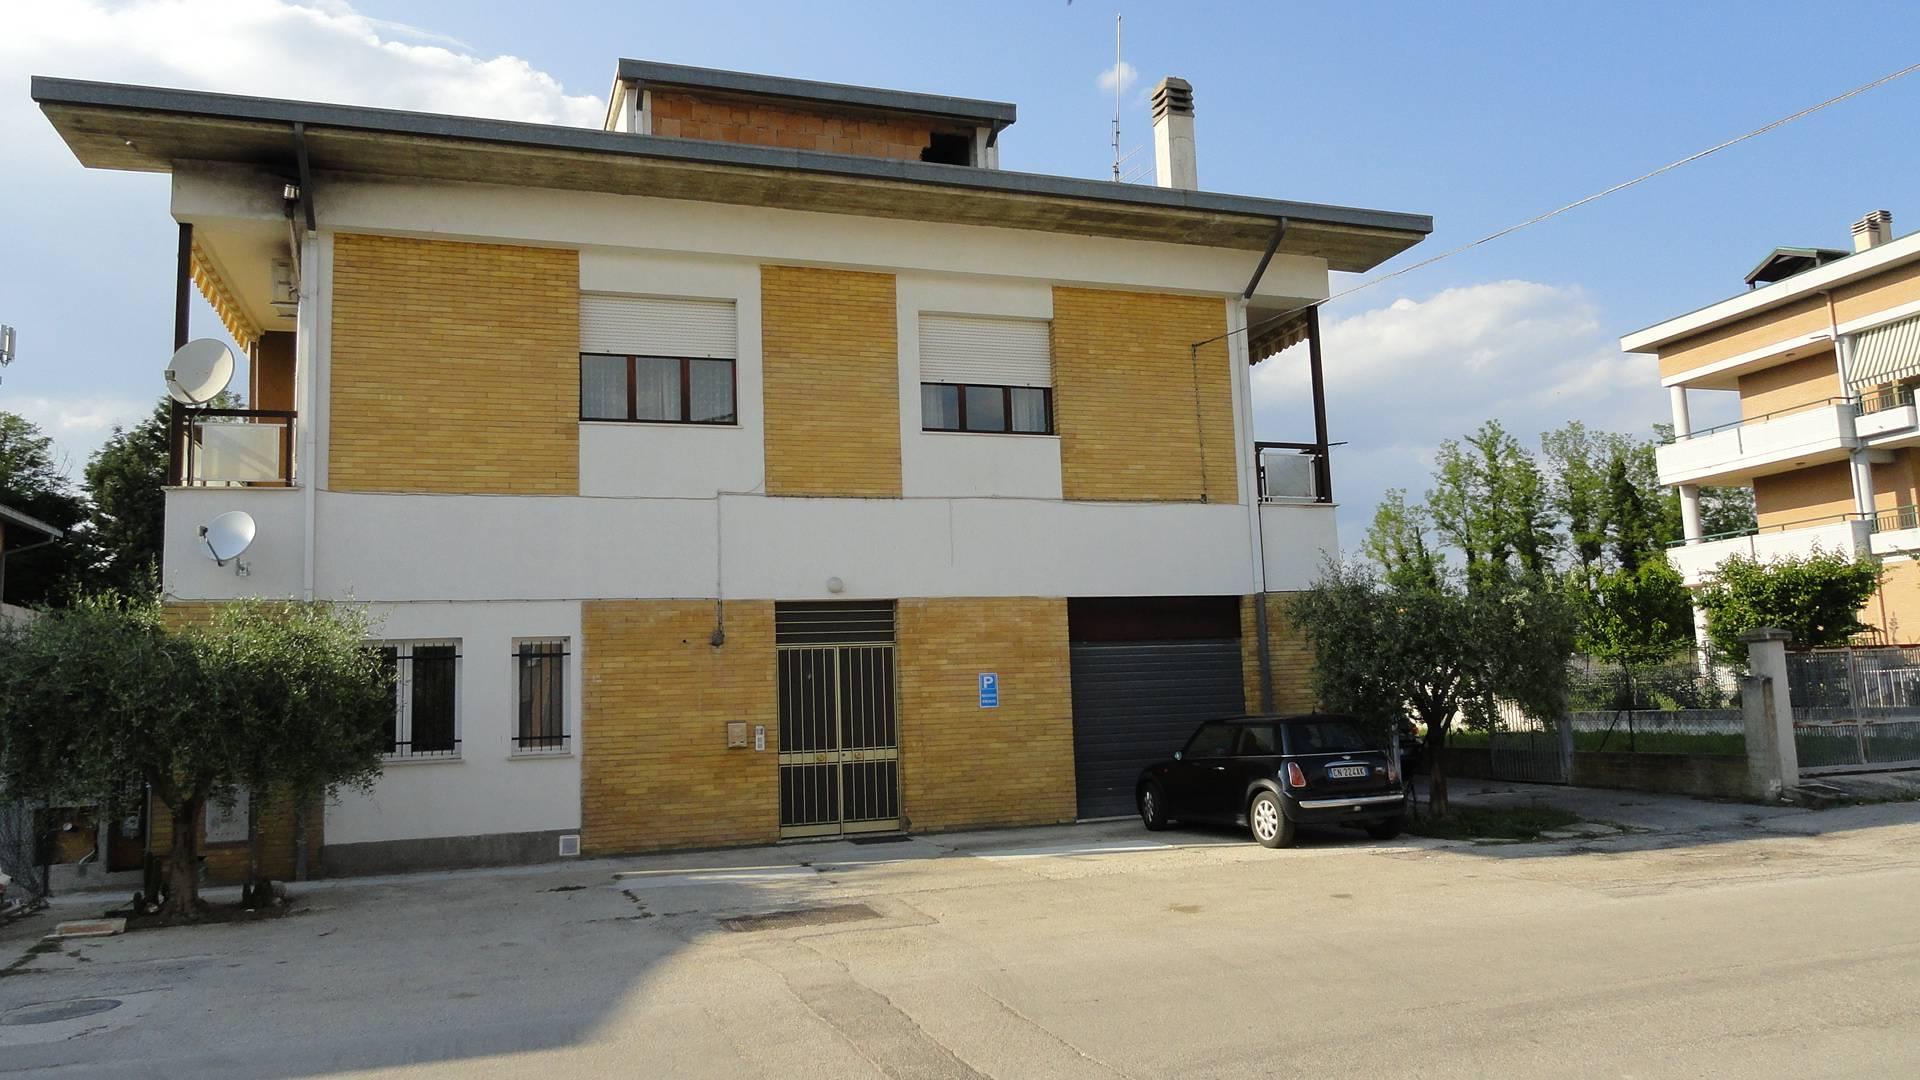 Soluzione Indipendente in vendita a Teramo, 9 locali, zona Località: PianoDAccio, prezzo € 175.000 | Cambio Casa.it